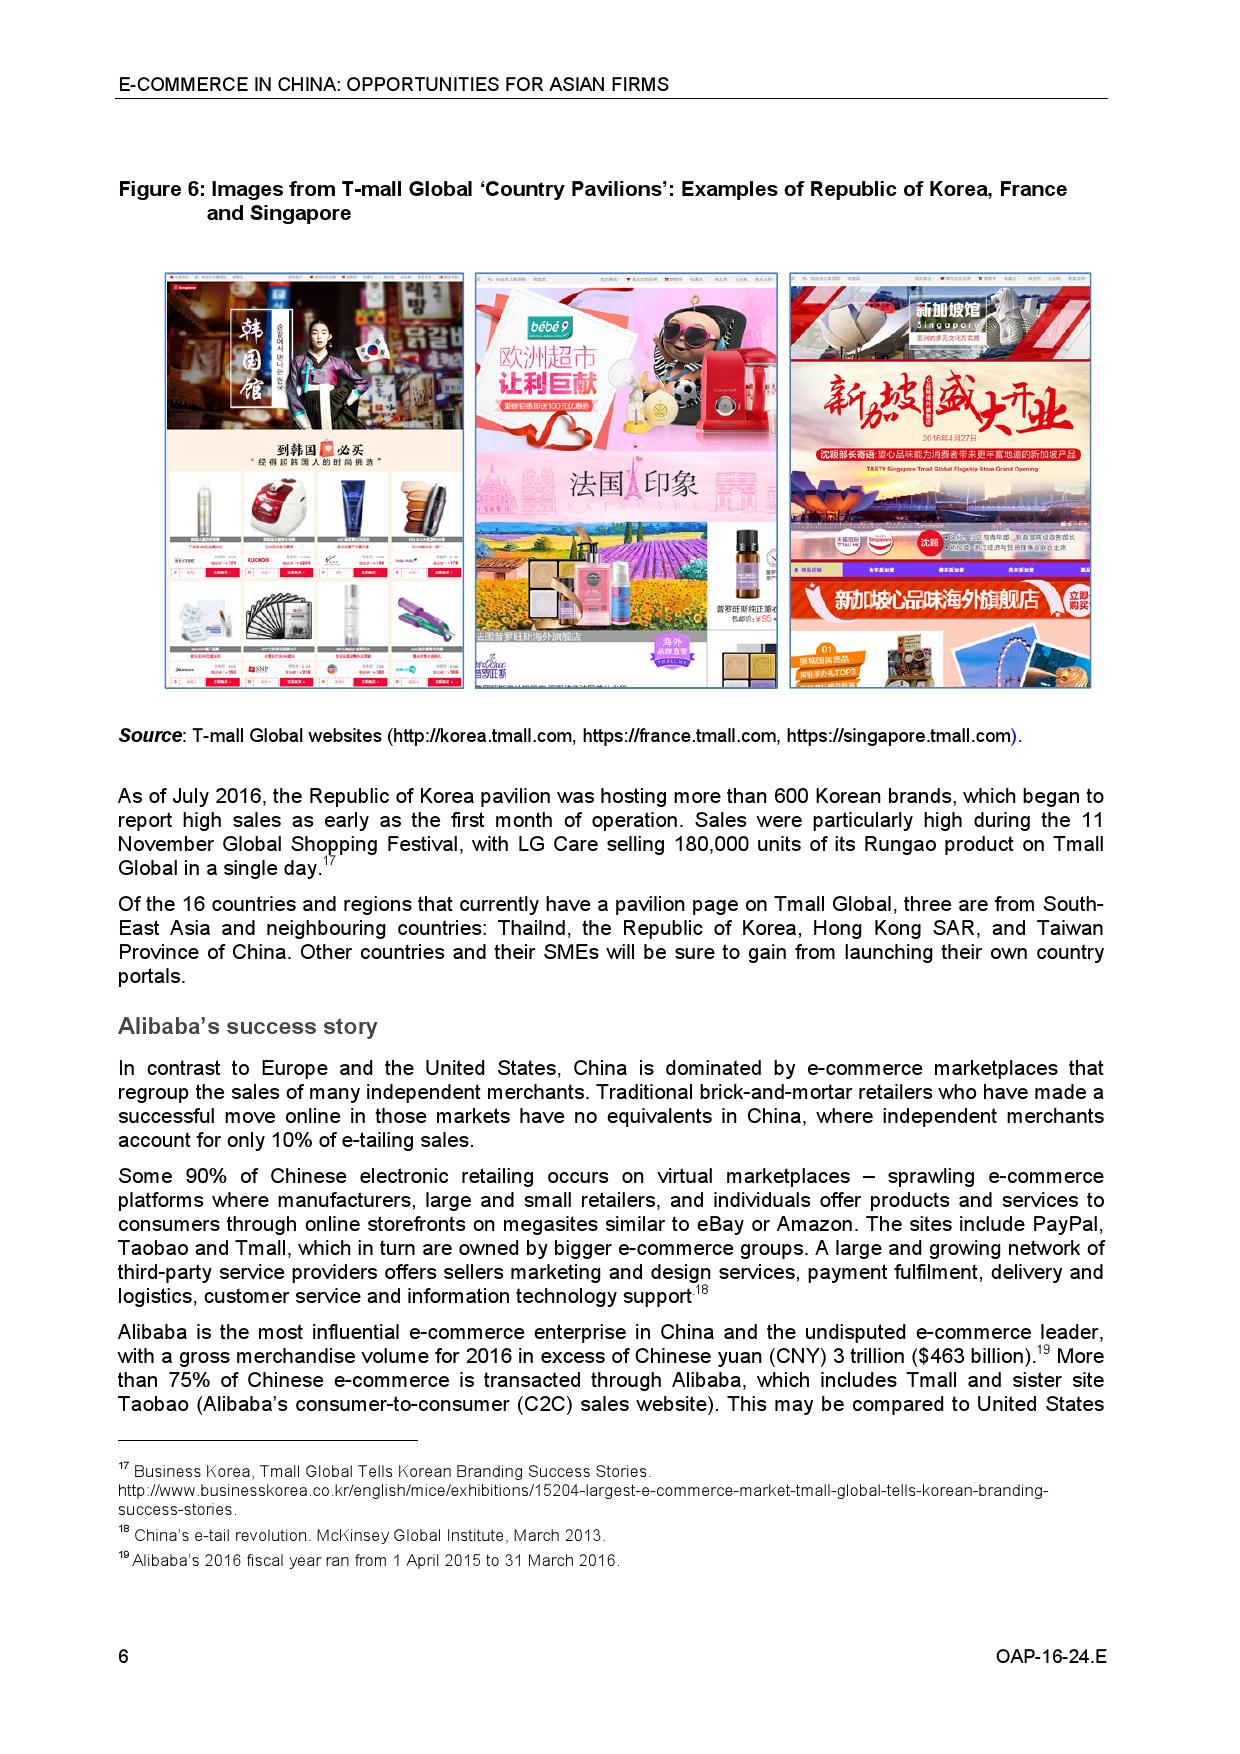 中国电子商务:对亚洲企业的机遇_000018